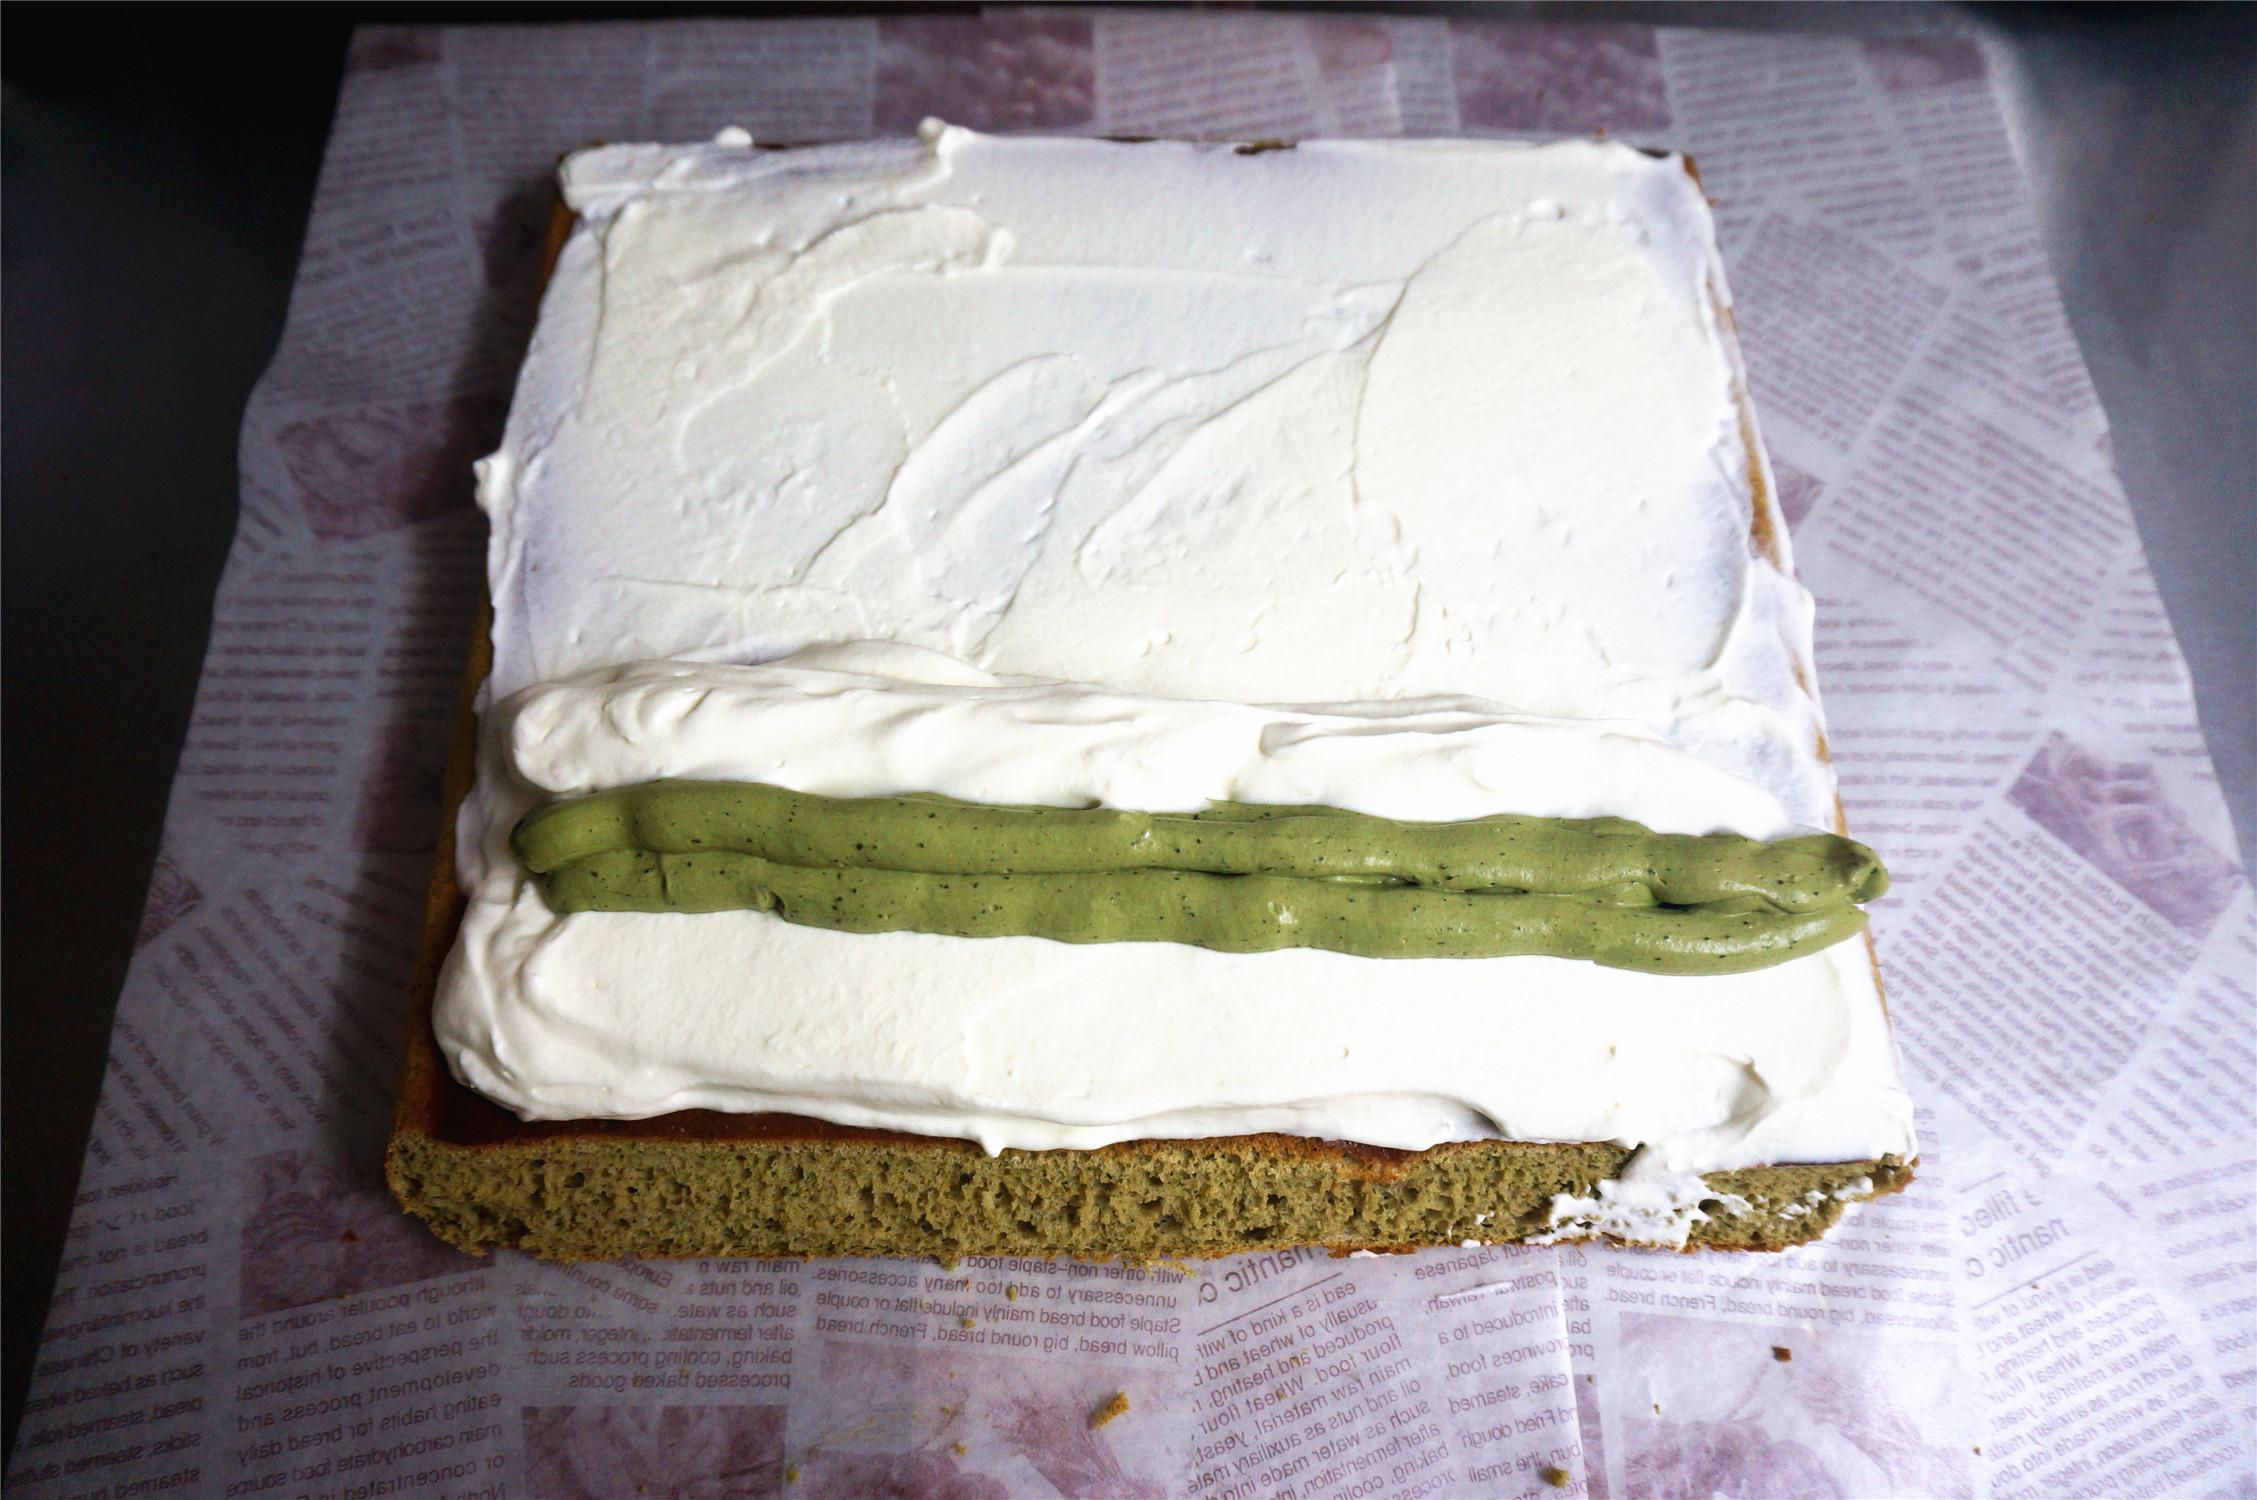 丸久小山园名物蛋糕卷--抹茶,夹馅:将蛋糕体毛巾面朝上,抹上一层甜奶油,近端的甜奶油抹厚点,然后挤上抹茶奶油,再盖上甜奶油。</p> <p>